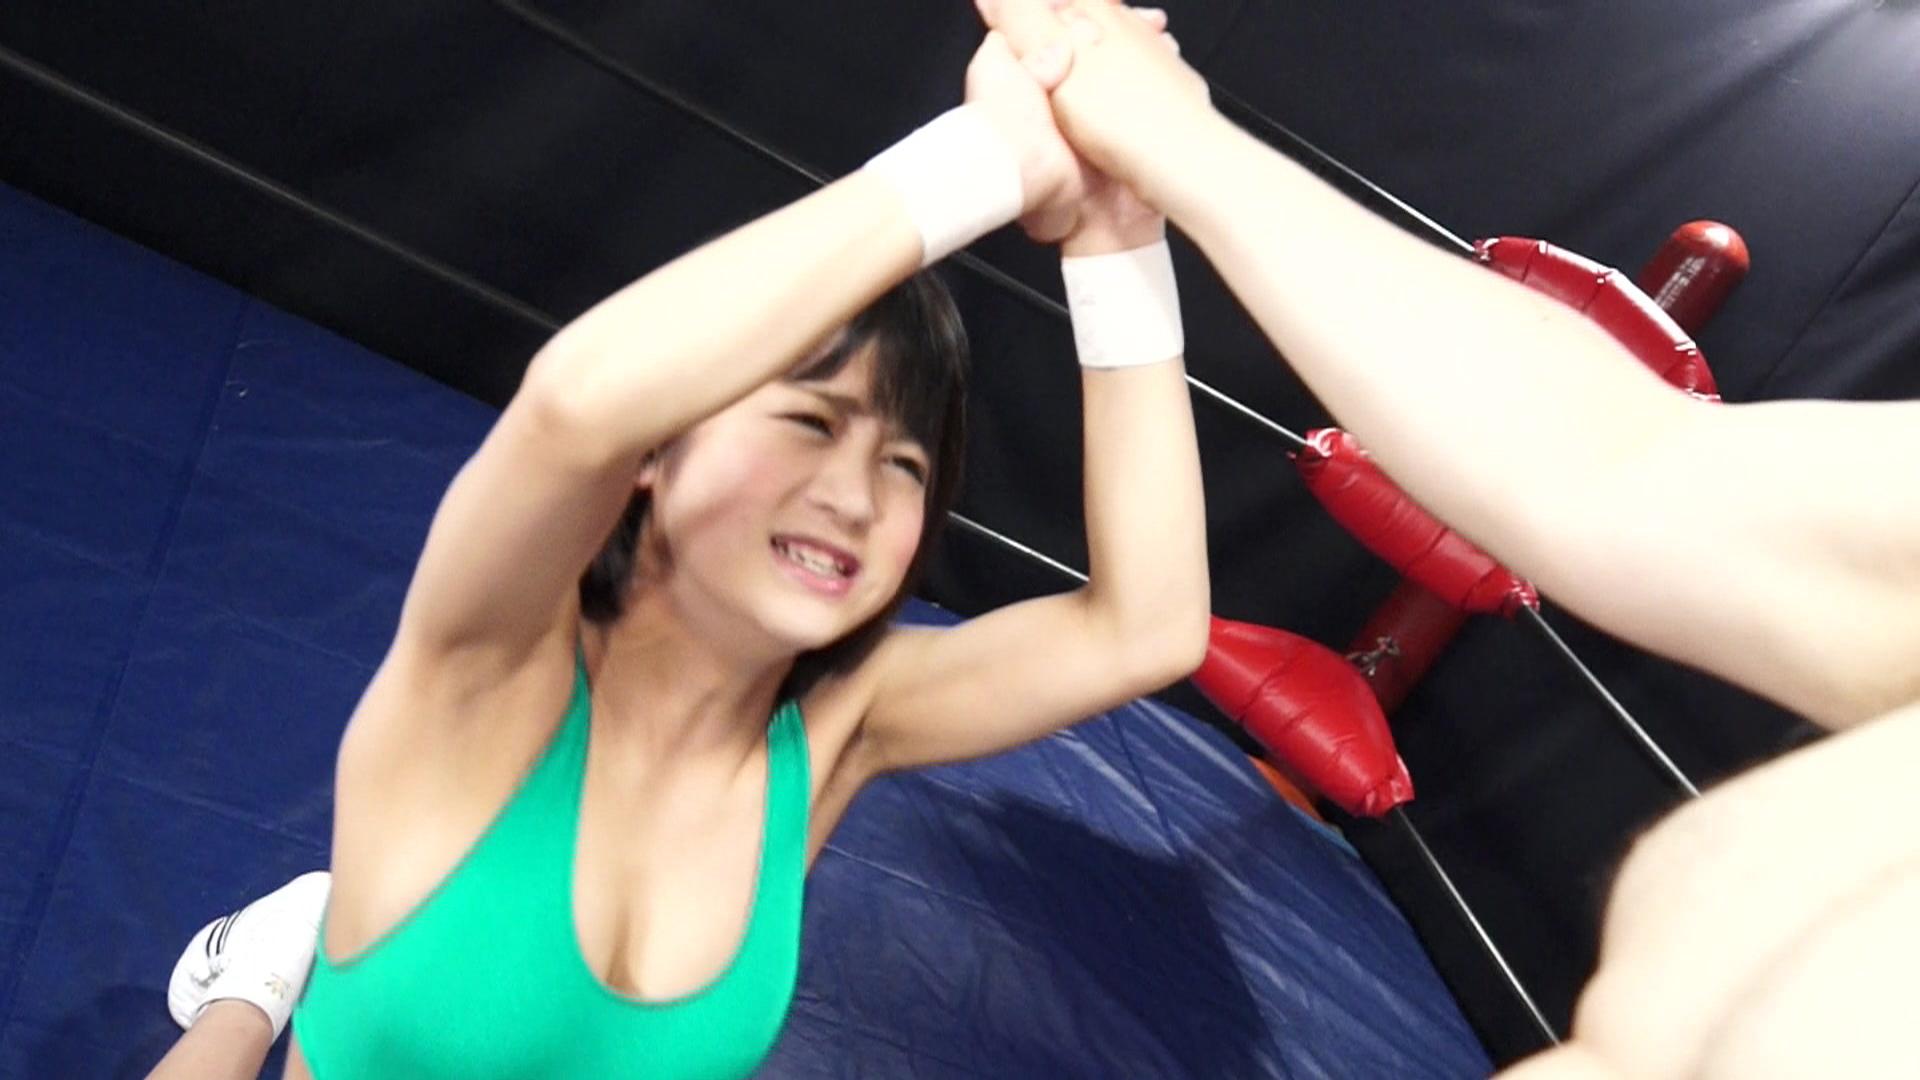 秘密の男女混合試合 女子レスラー完全敗北 vol.1 サンプル画像04